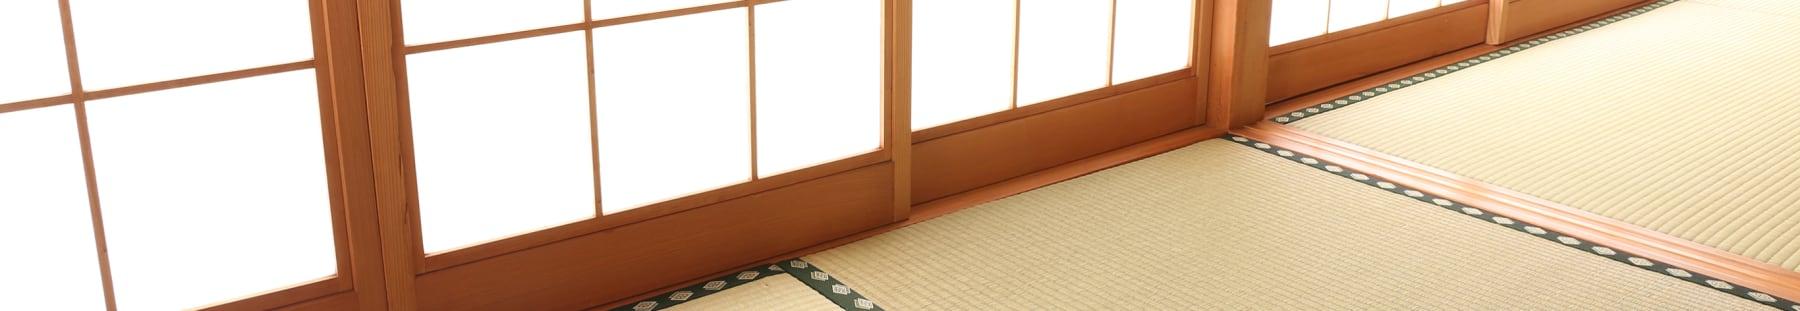 名古屋市の和室なレンタルスペース